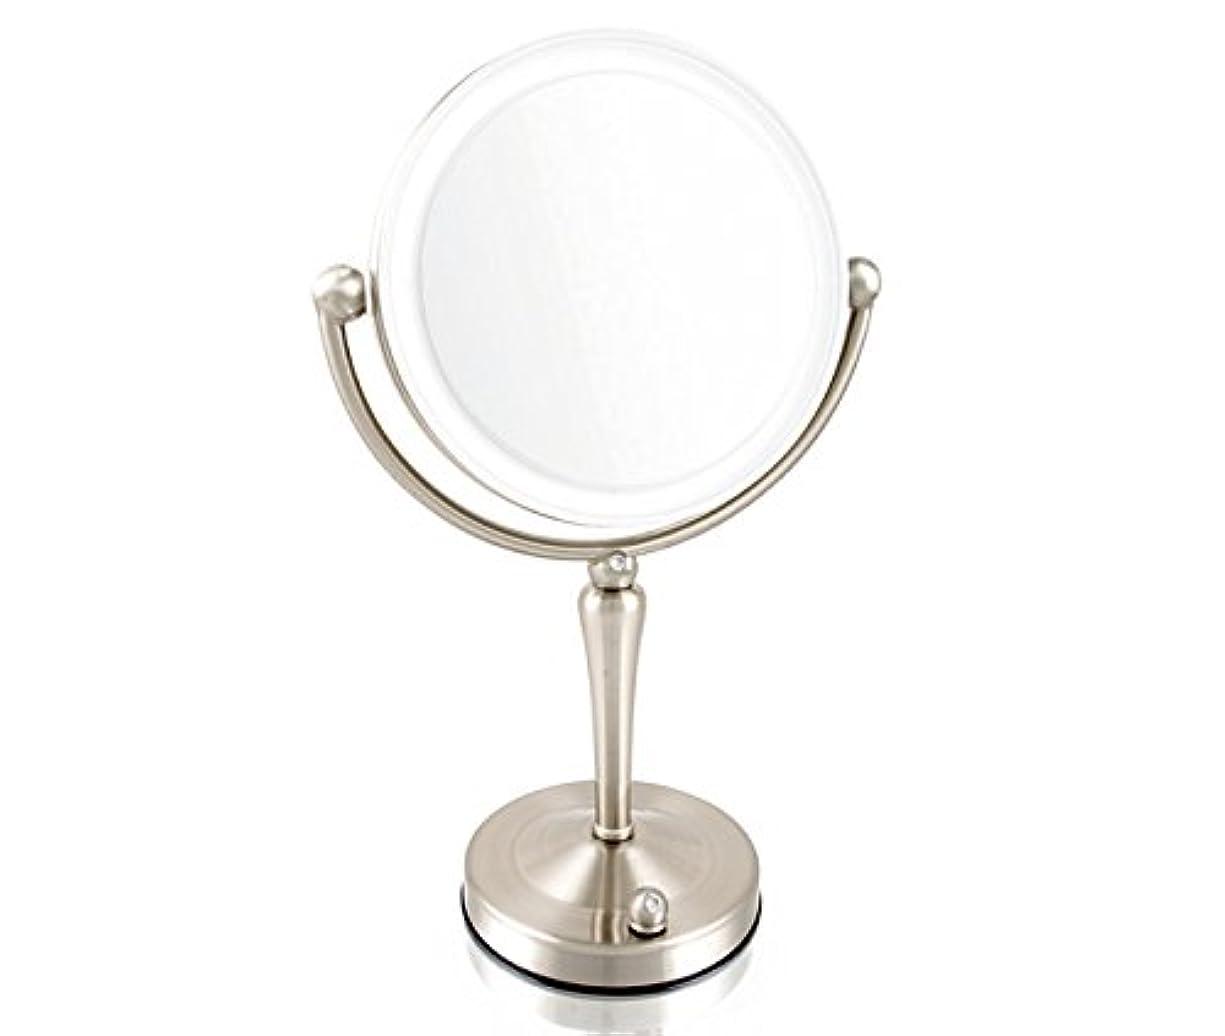 味付け冷蔵庫遠い安もの拡大鏡とは見え方が全く違います!拡大鏡 5倍拡大+等倍鏡+LEDライト付き 真実の鏡DX 両面Z型 ブロンズ調 人気No.1両面型を真鍮仕上げとジルコニアで高級感UP。シミ?しわ?たるみ?毛穴が驚くほど良く見える拡大鏡...